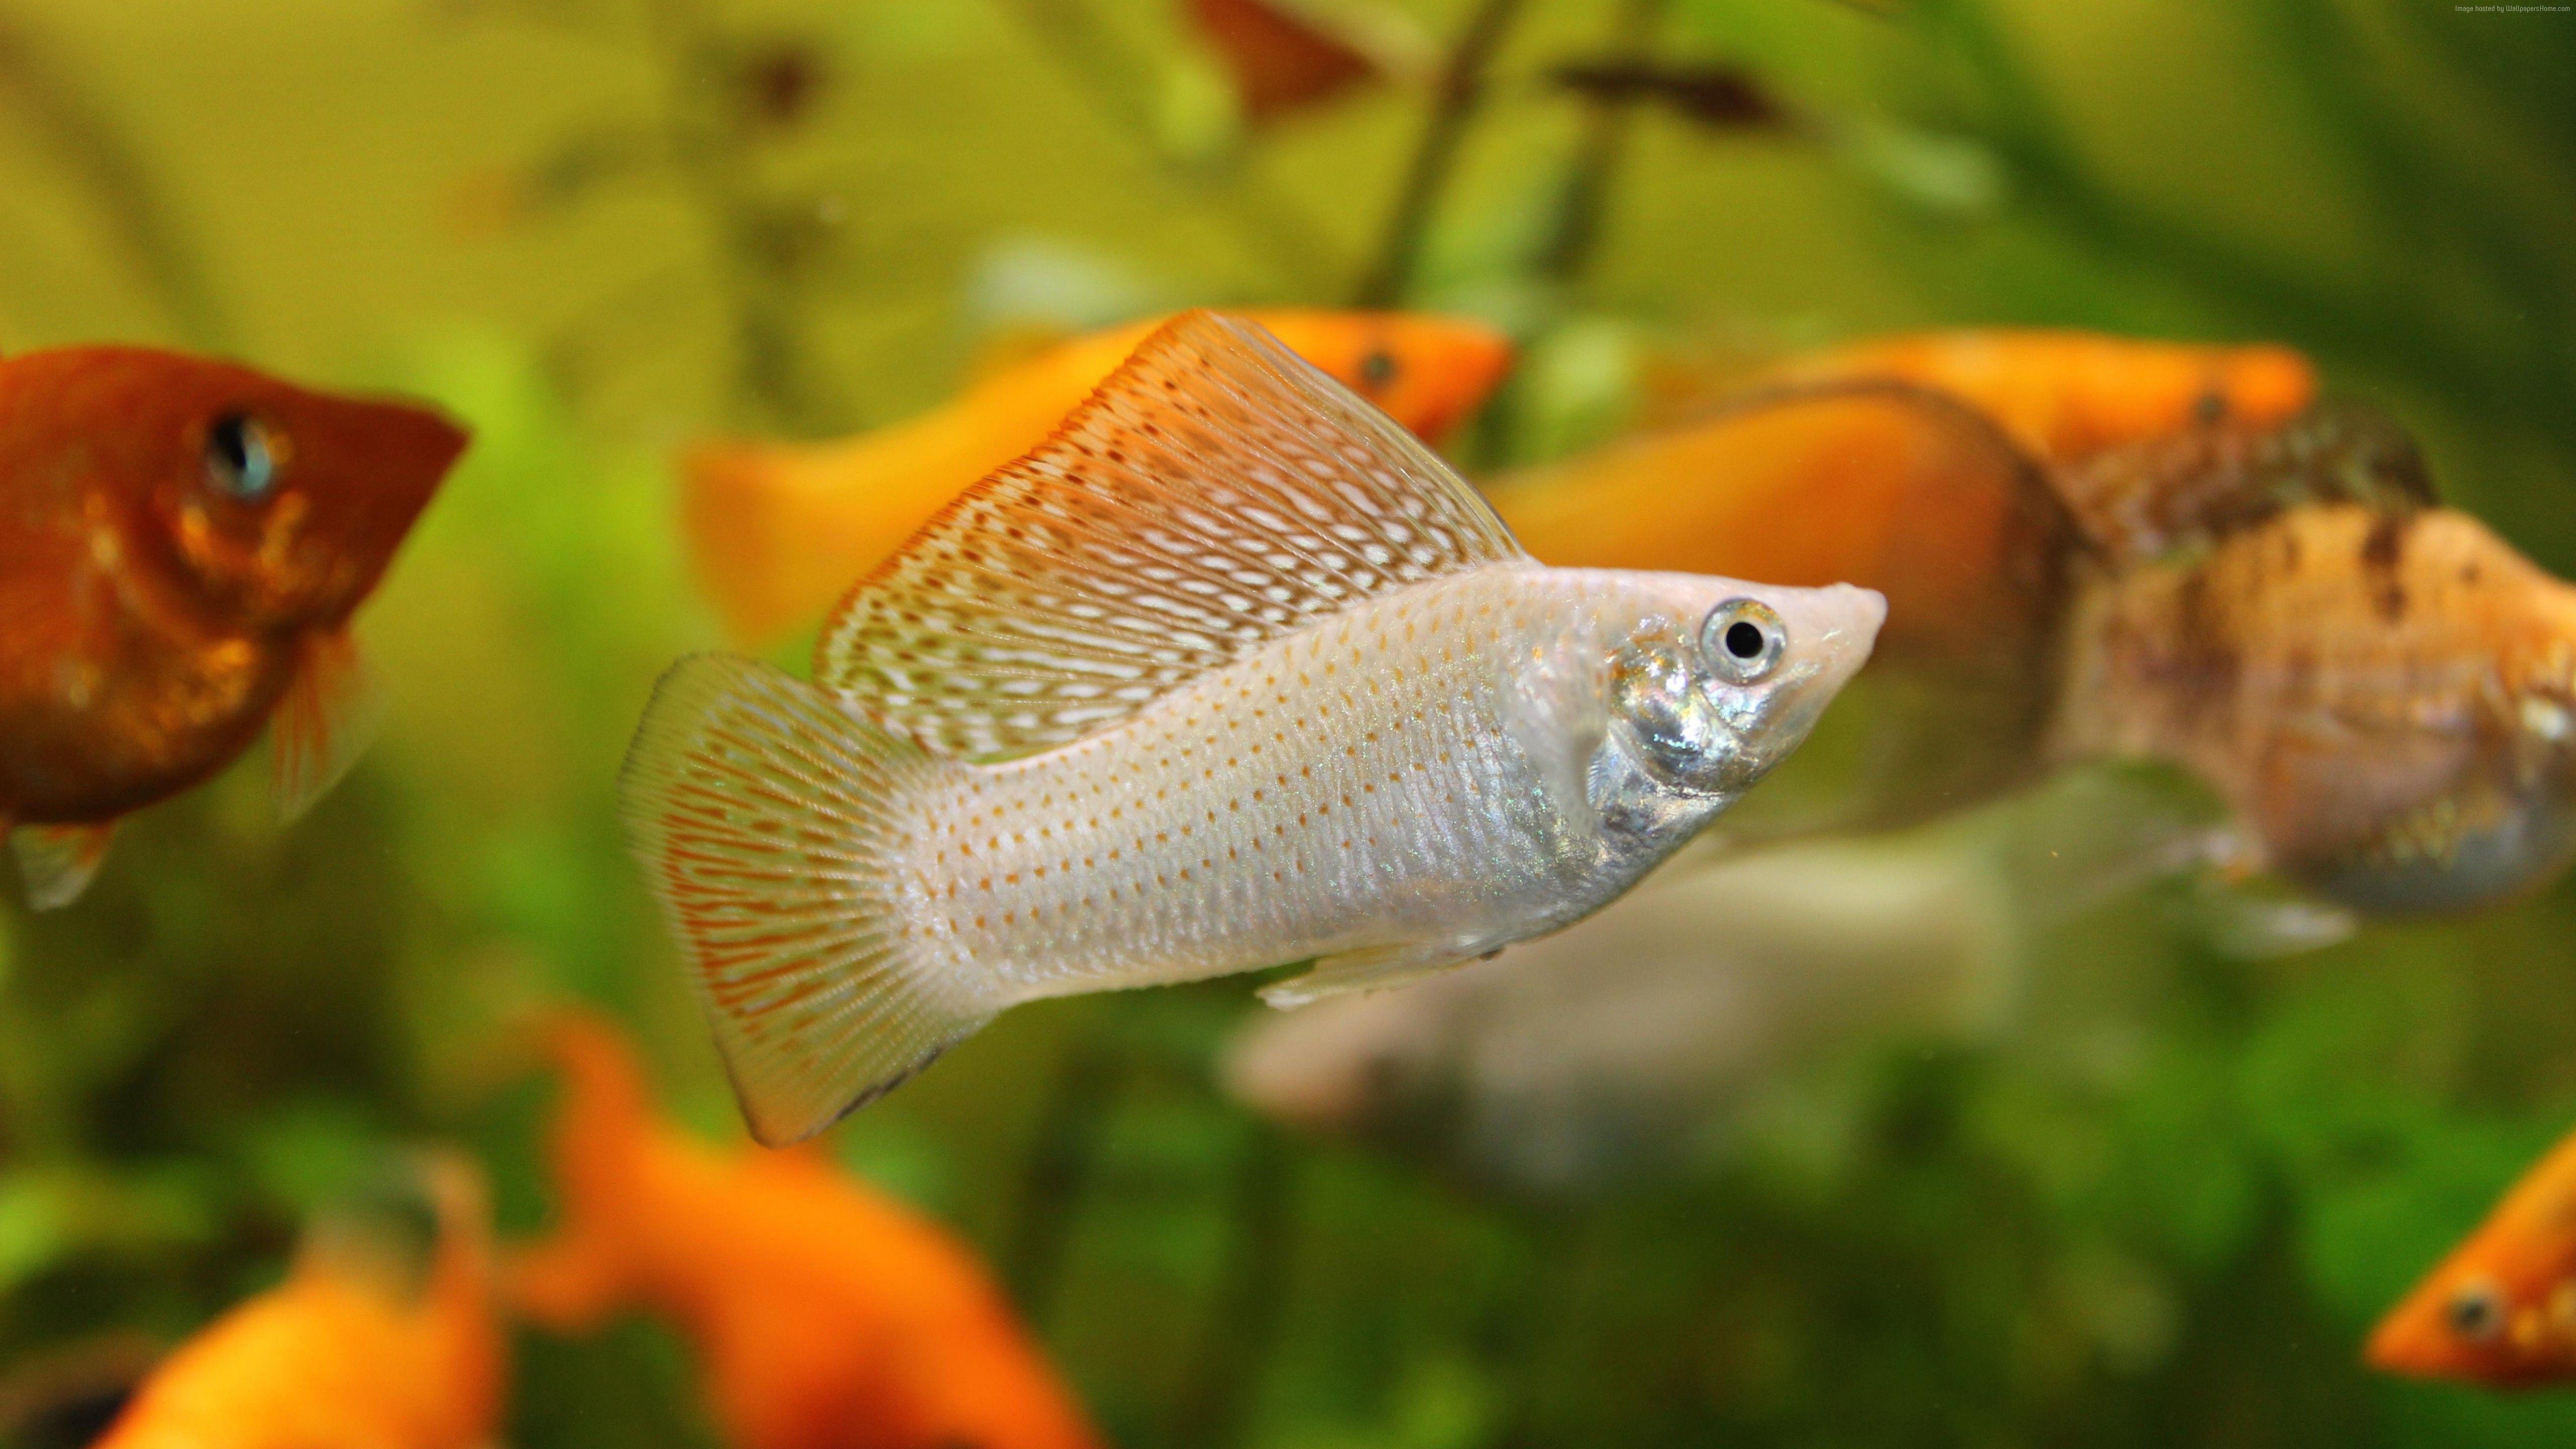 Mollienesia Fish Aquarium Water 5k 5k Aquarium aquaticecosystem